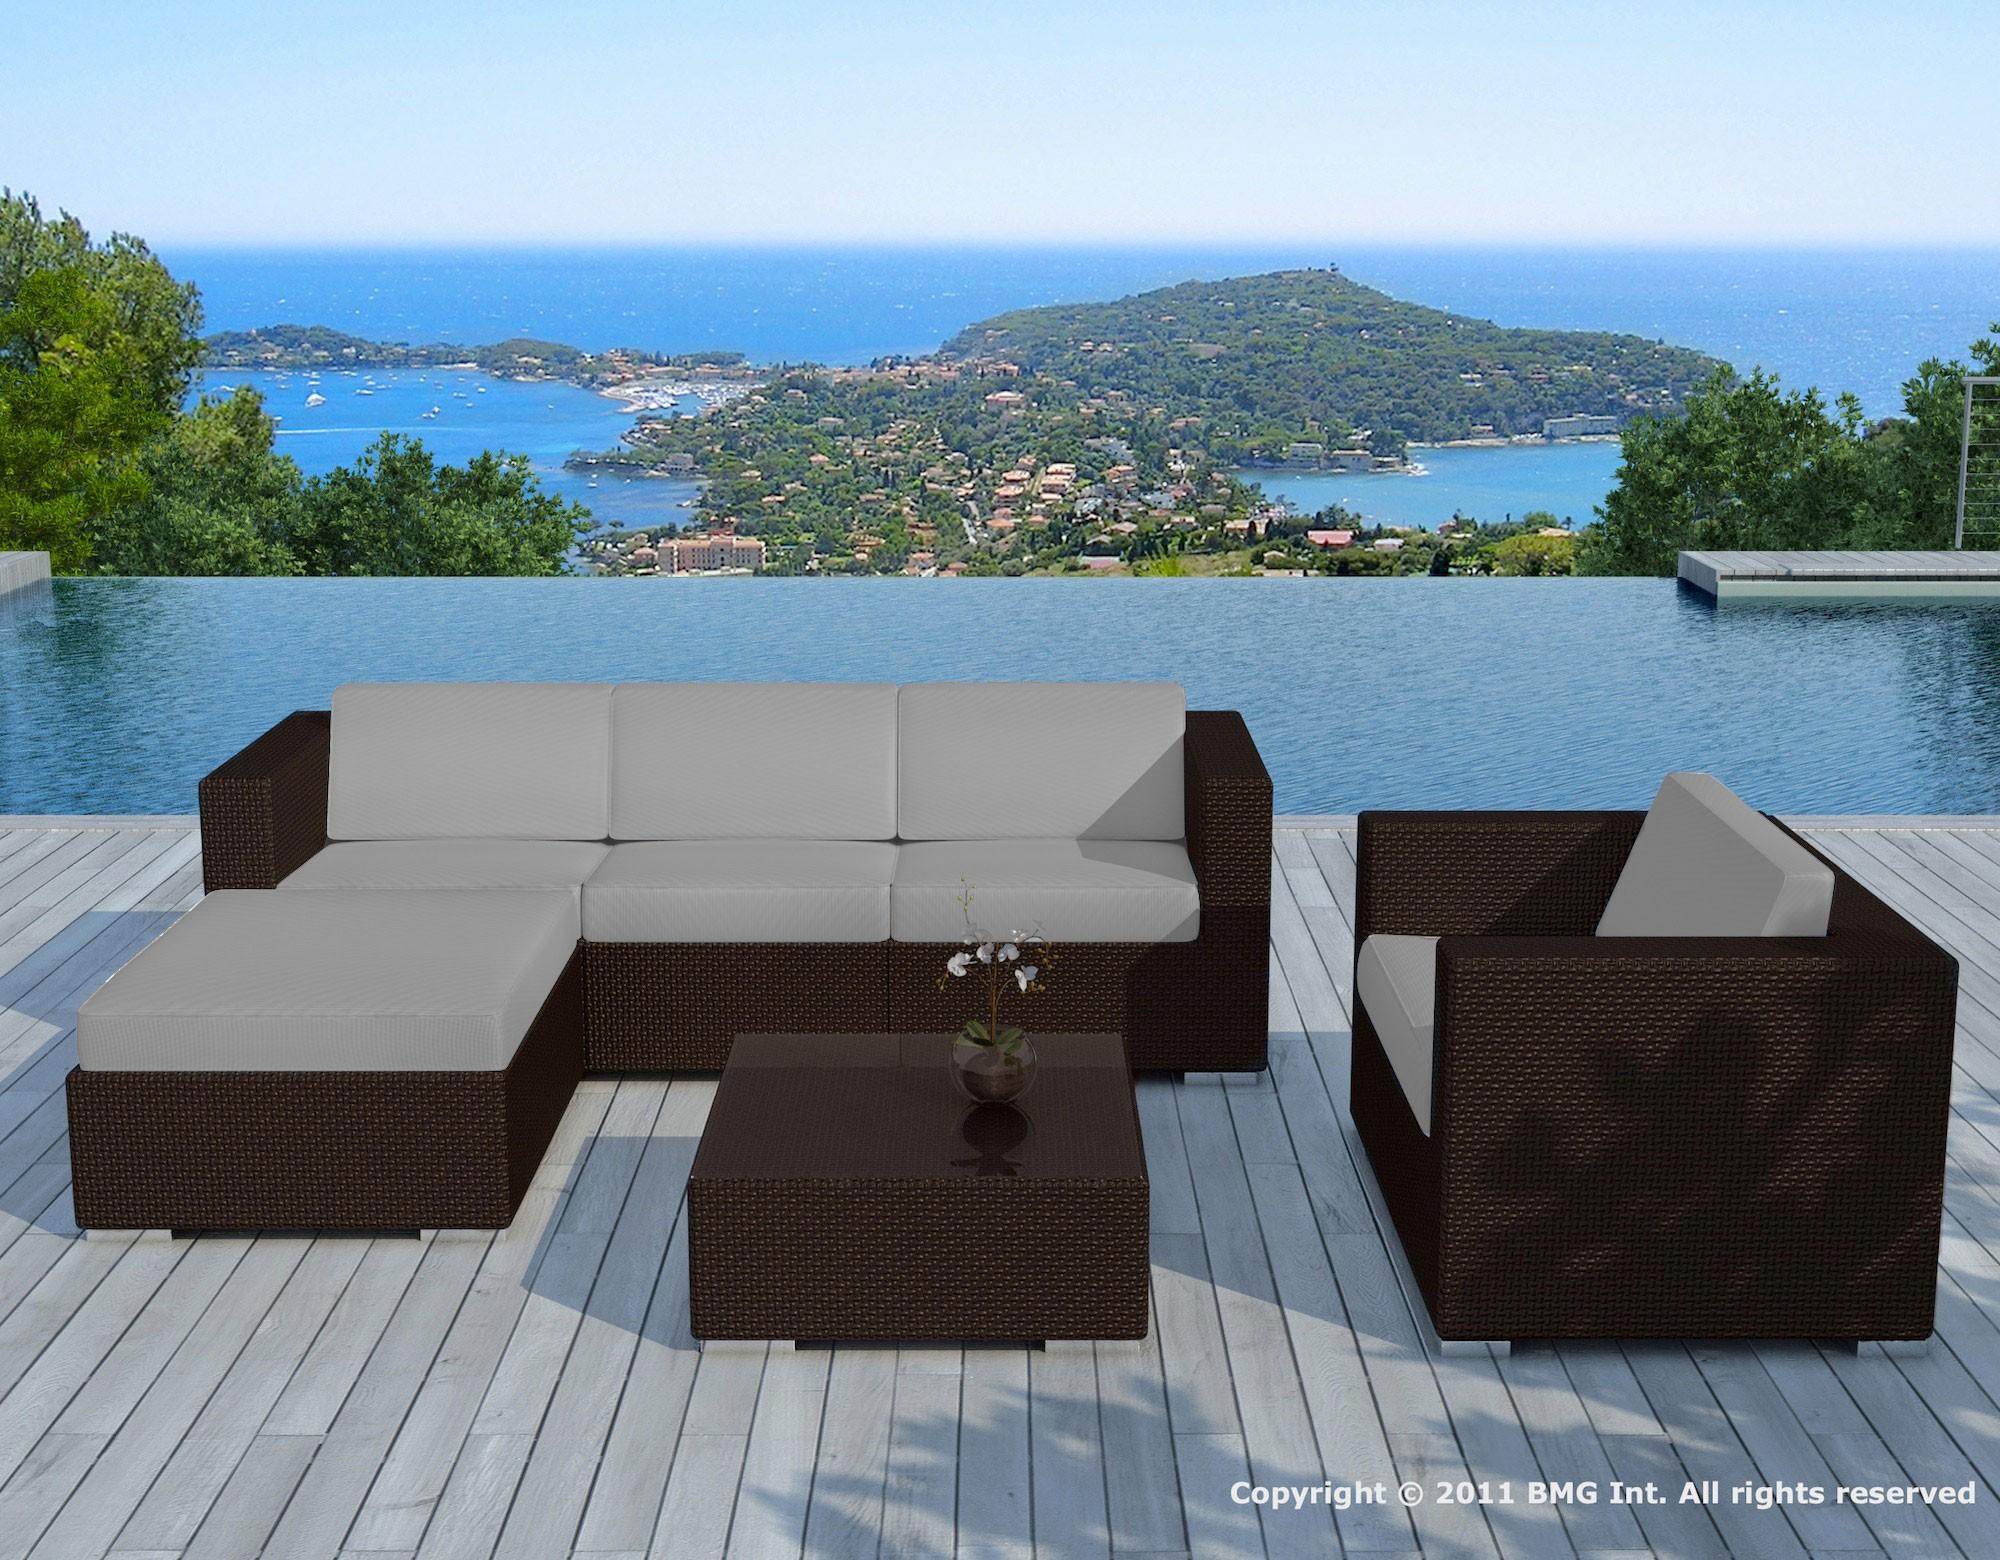 salon de jardin resine chocolat gris copacabana delorm design